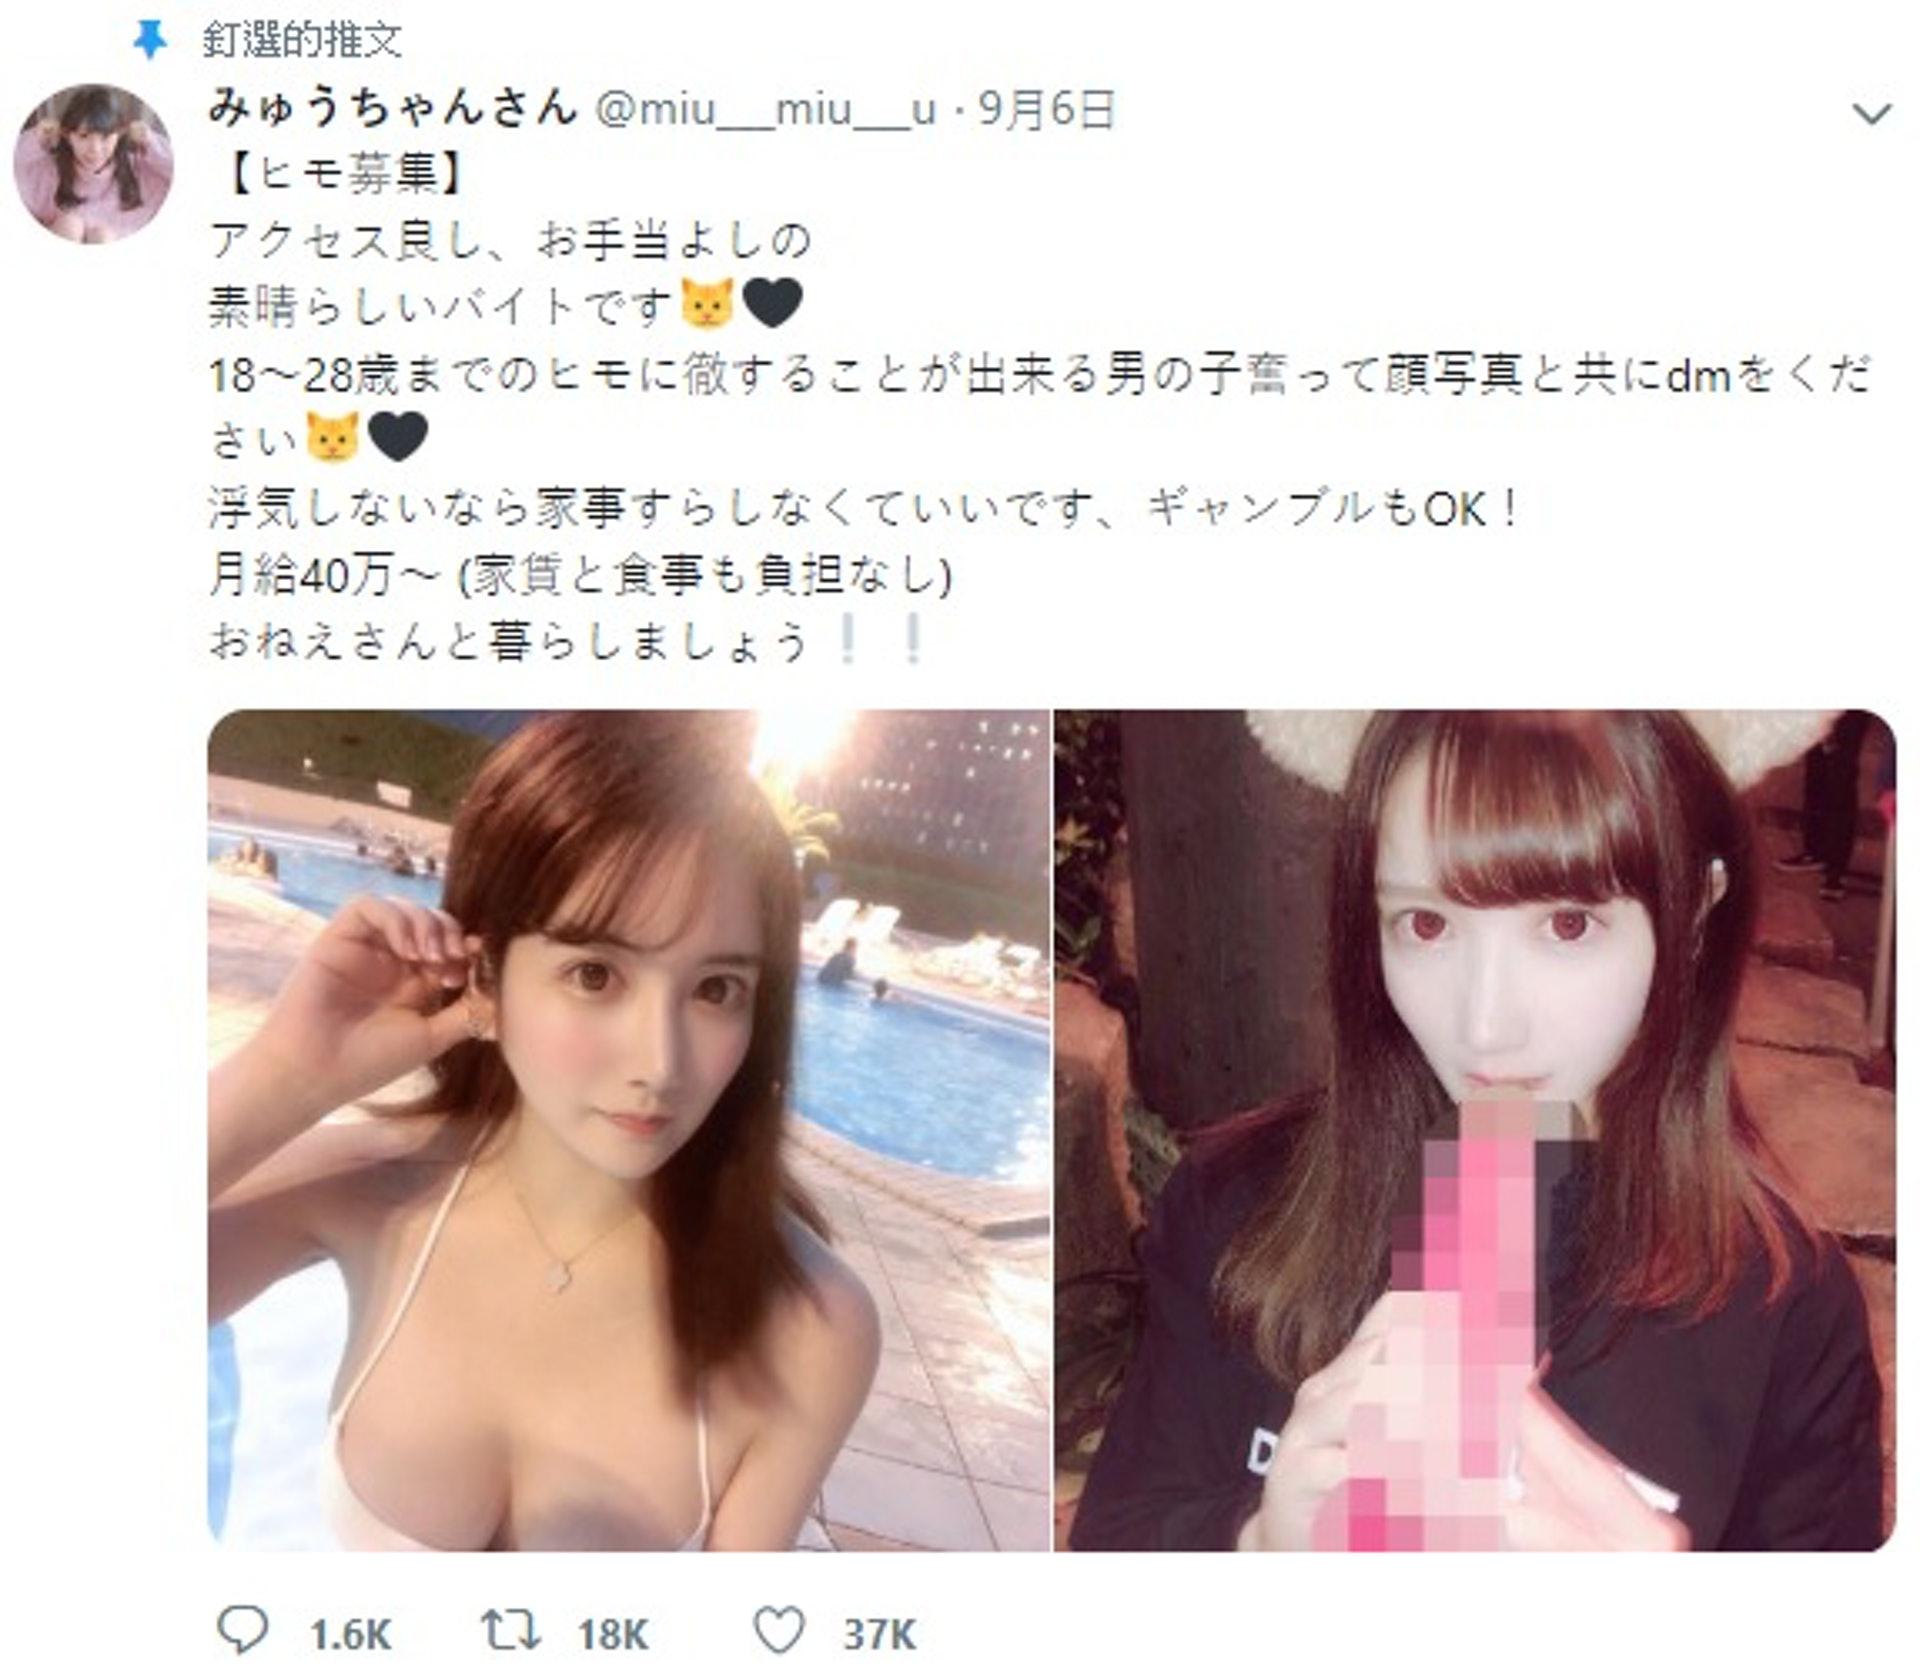 這位日本正妹在Twitter上的完整發文內容。(Twitter@miu___miu___u)